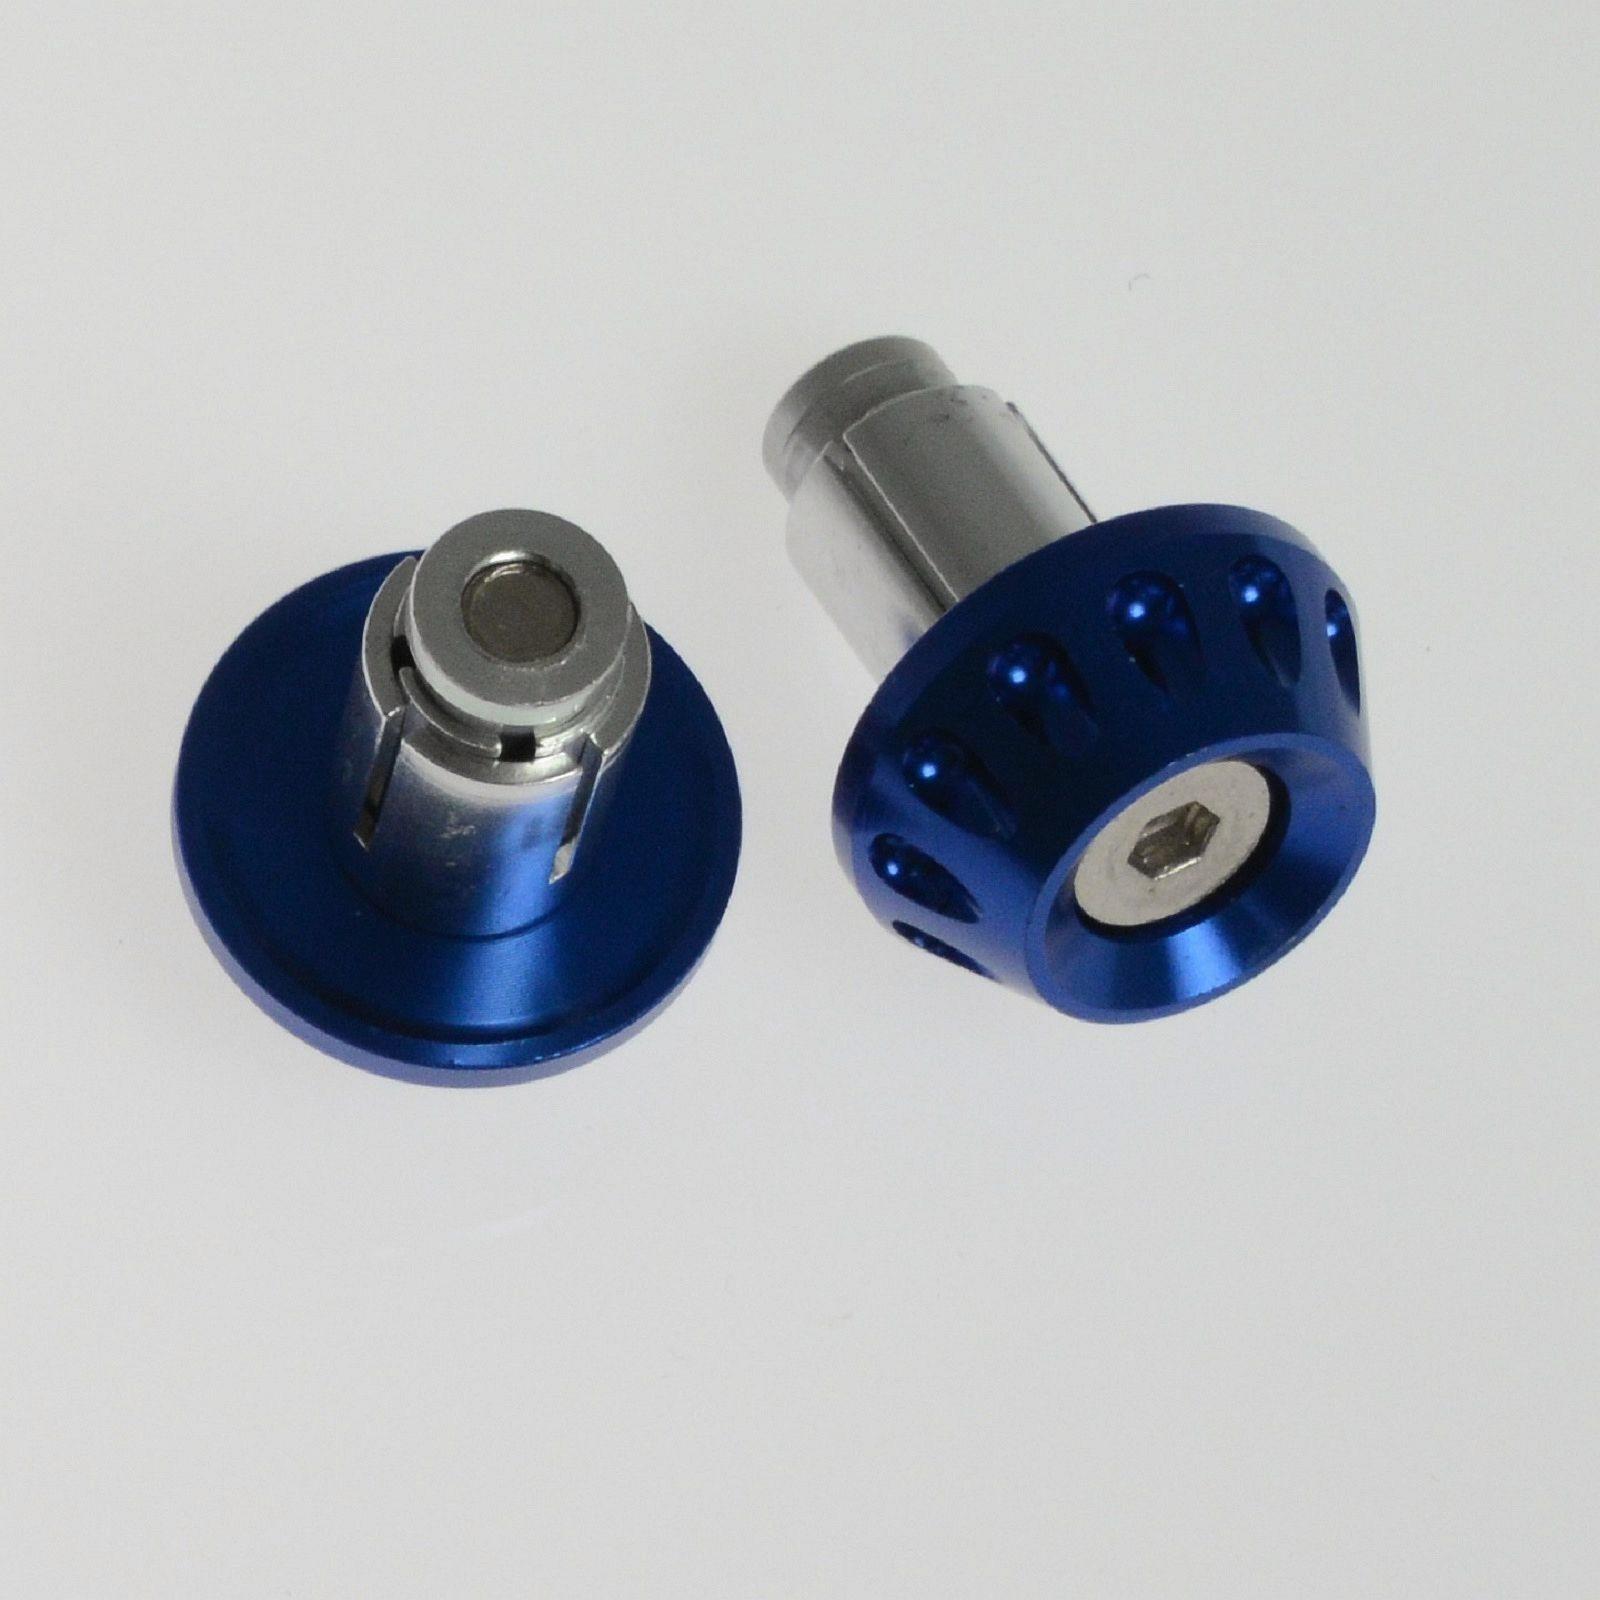 Contrappesi Manubrio Stabilizzatori Bilancieri Scooter Moto Universali  Blu